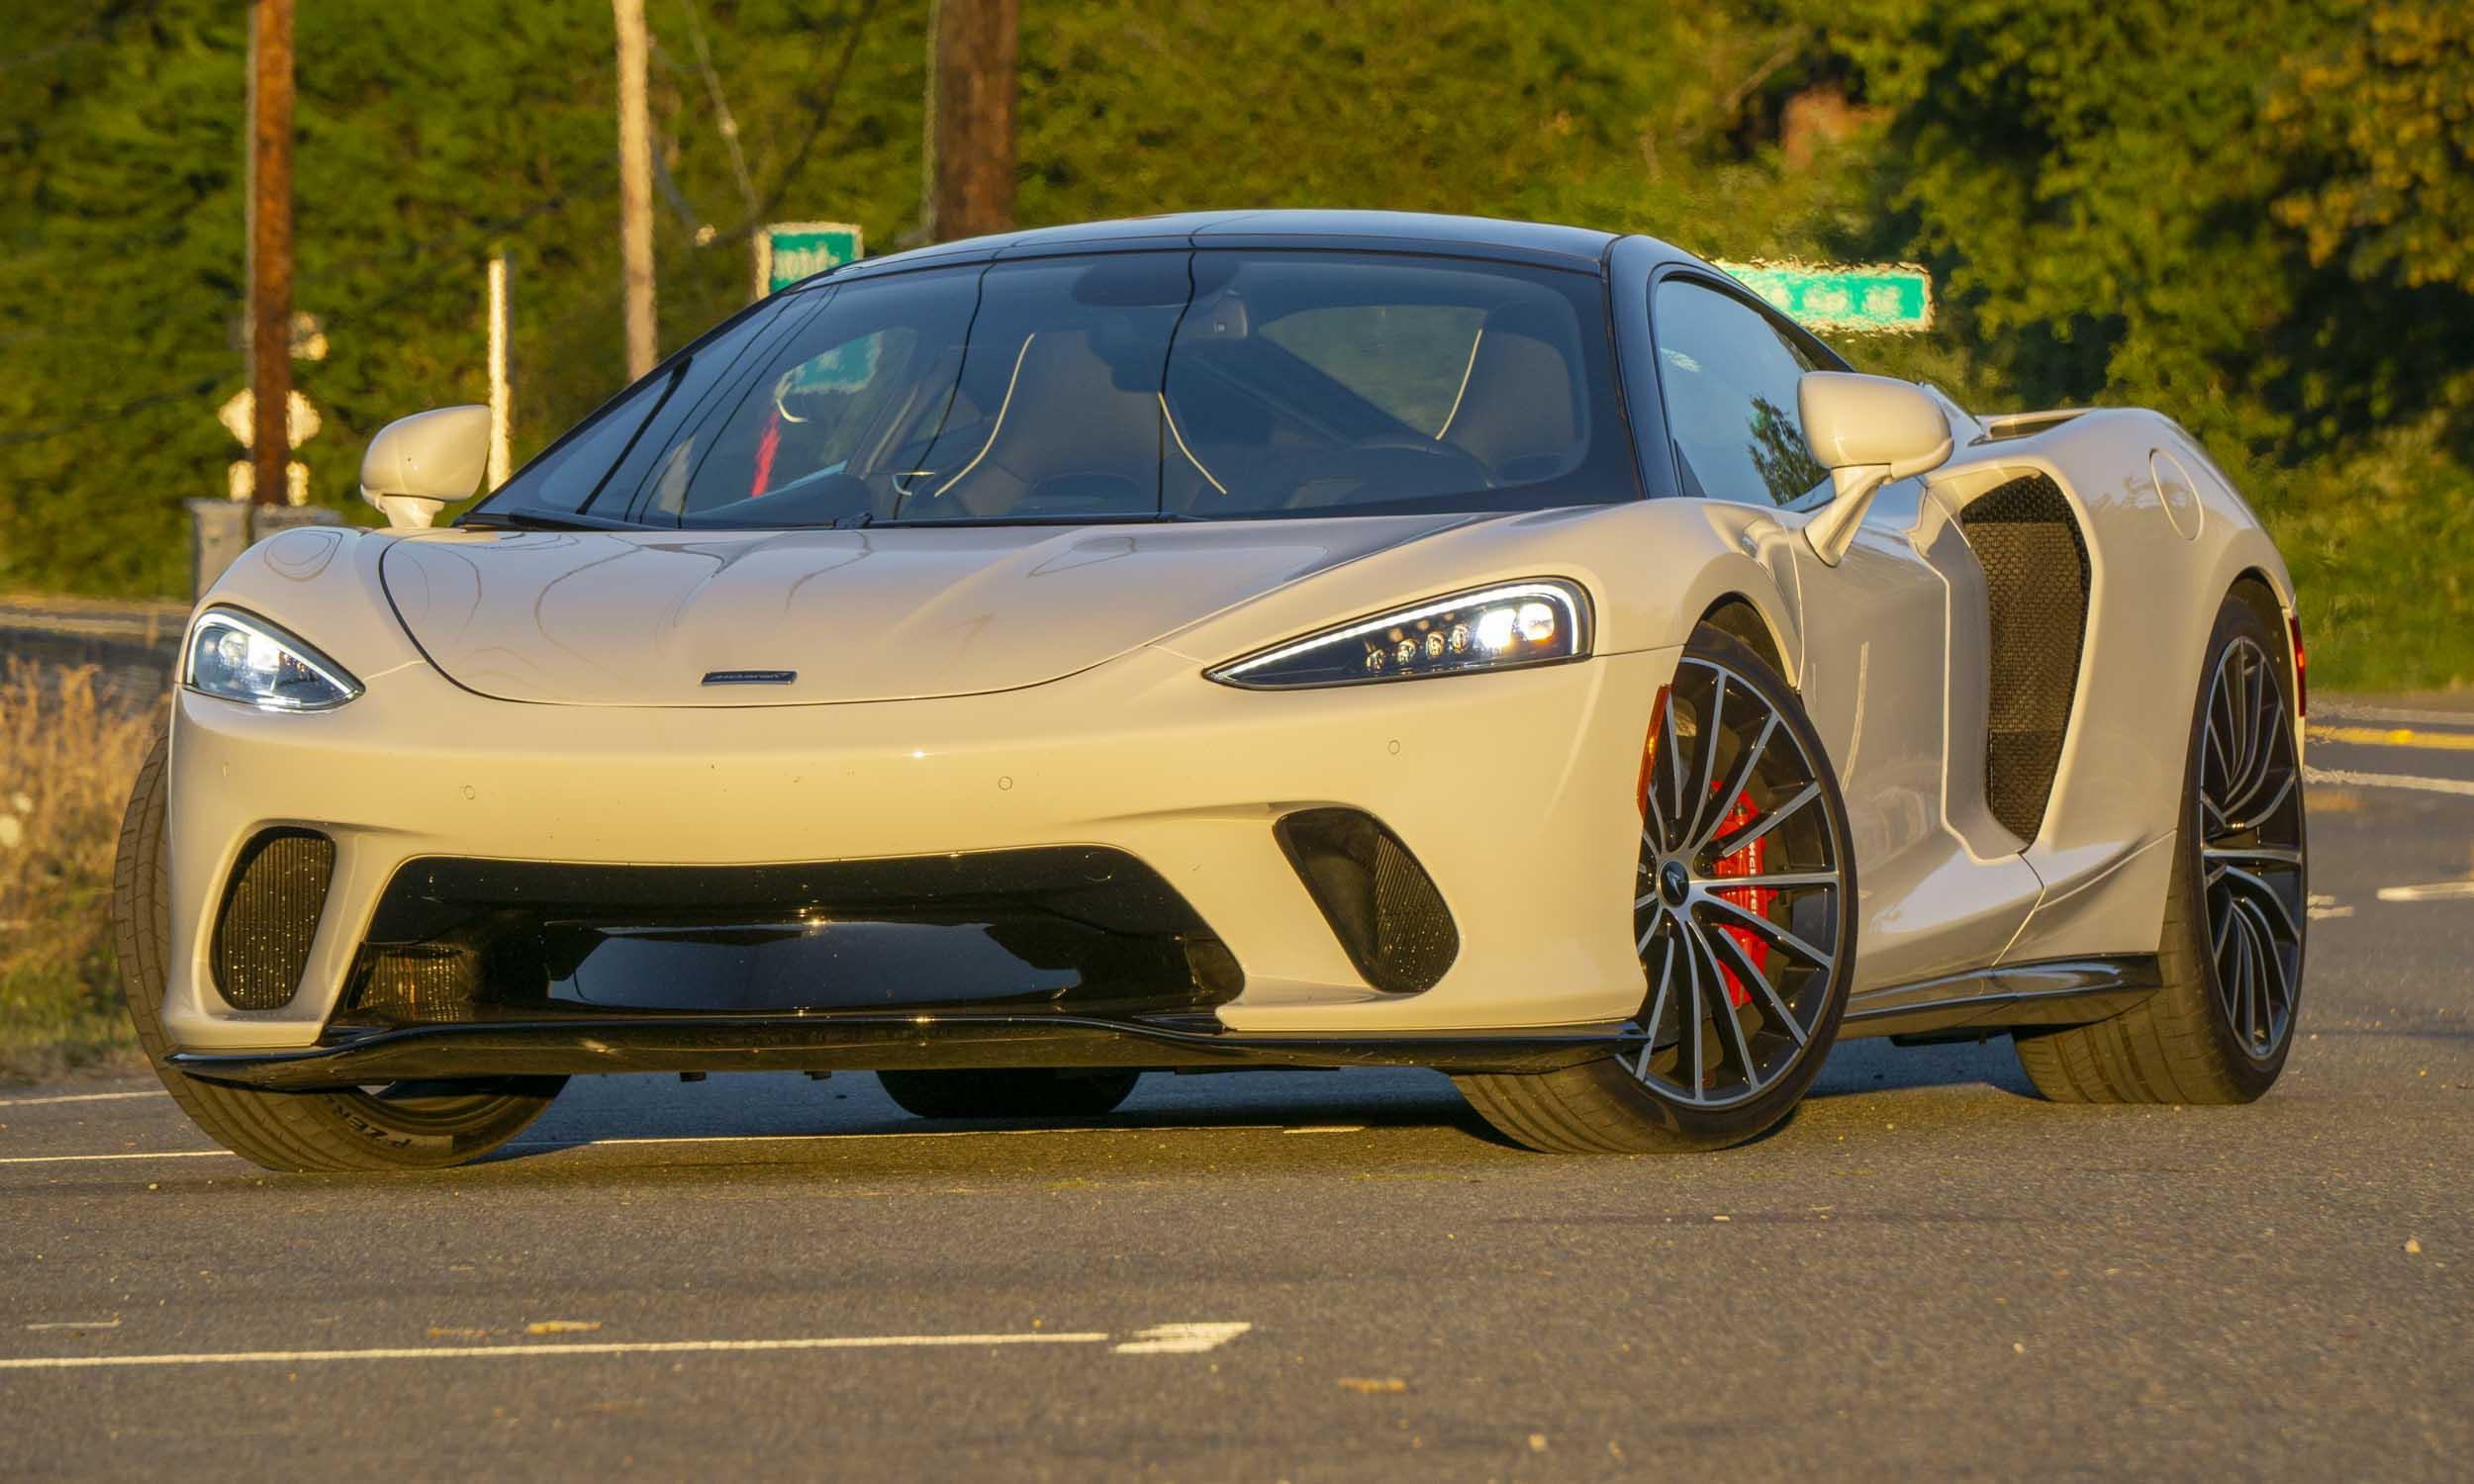 2021 McLaren GT Review: The Civilized Supercar